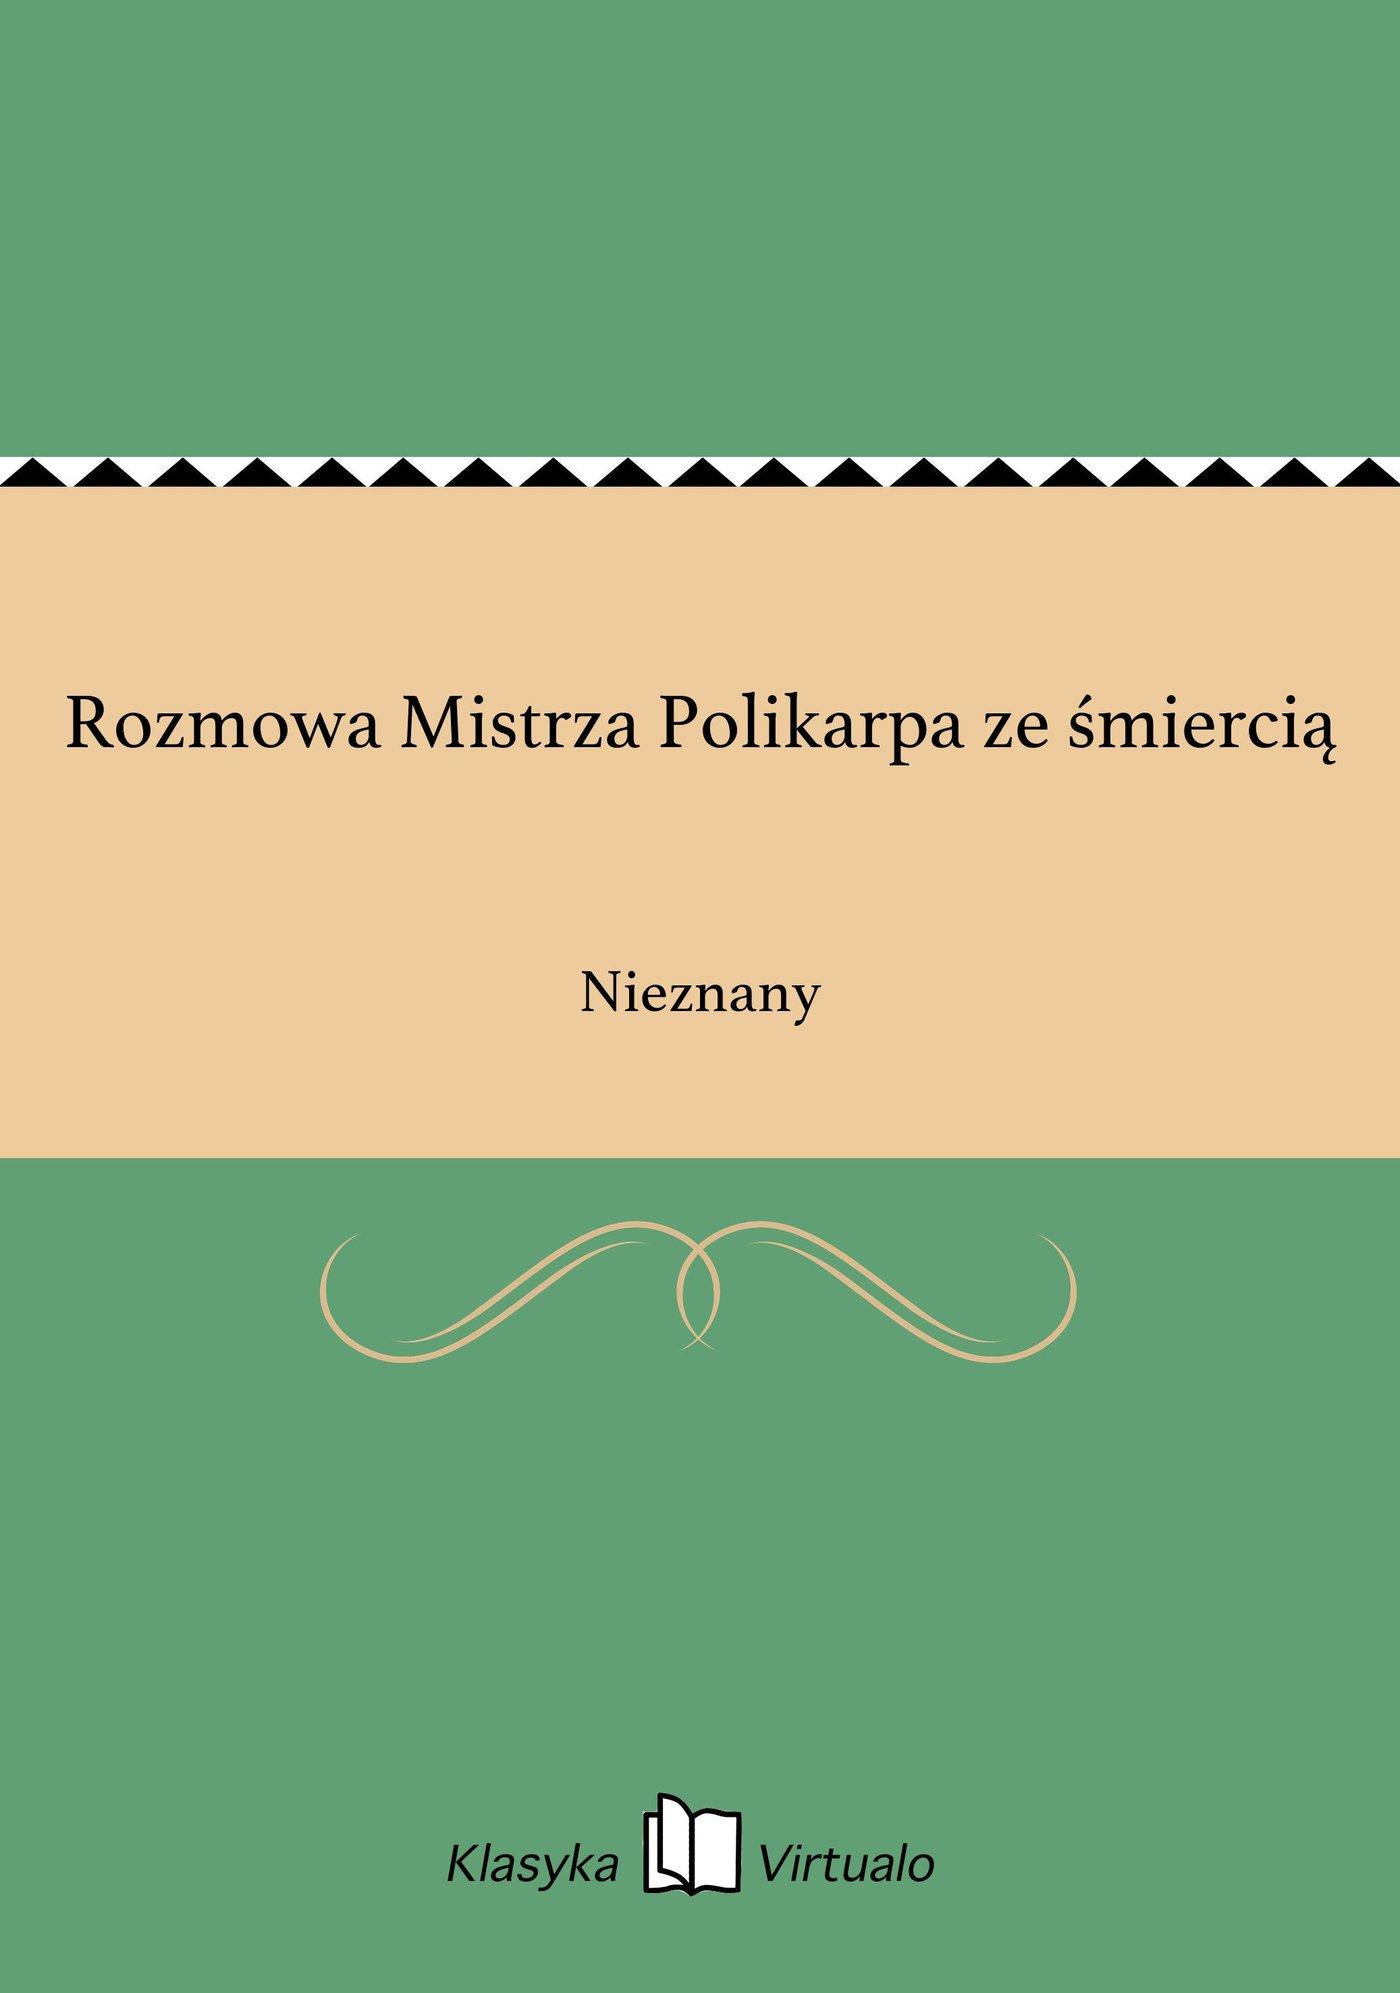 Rozmowa Mistrza Polikarpa ze śmiercią - Ebook (Książka EPUB) do pobrania w formacie EPUB